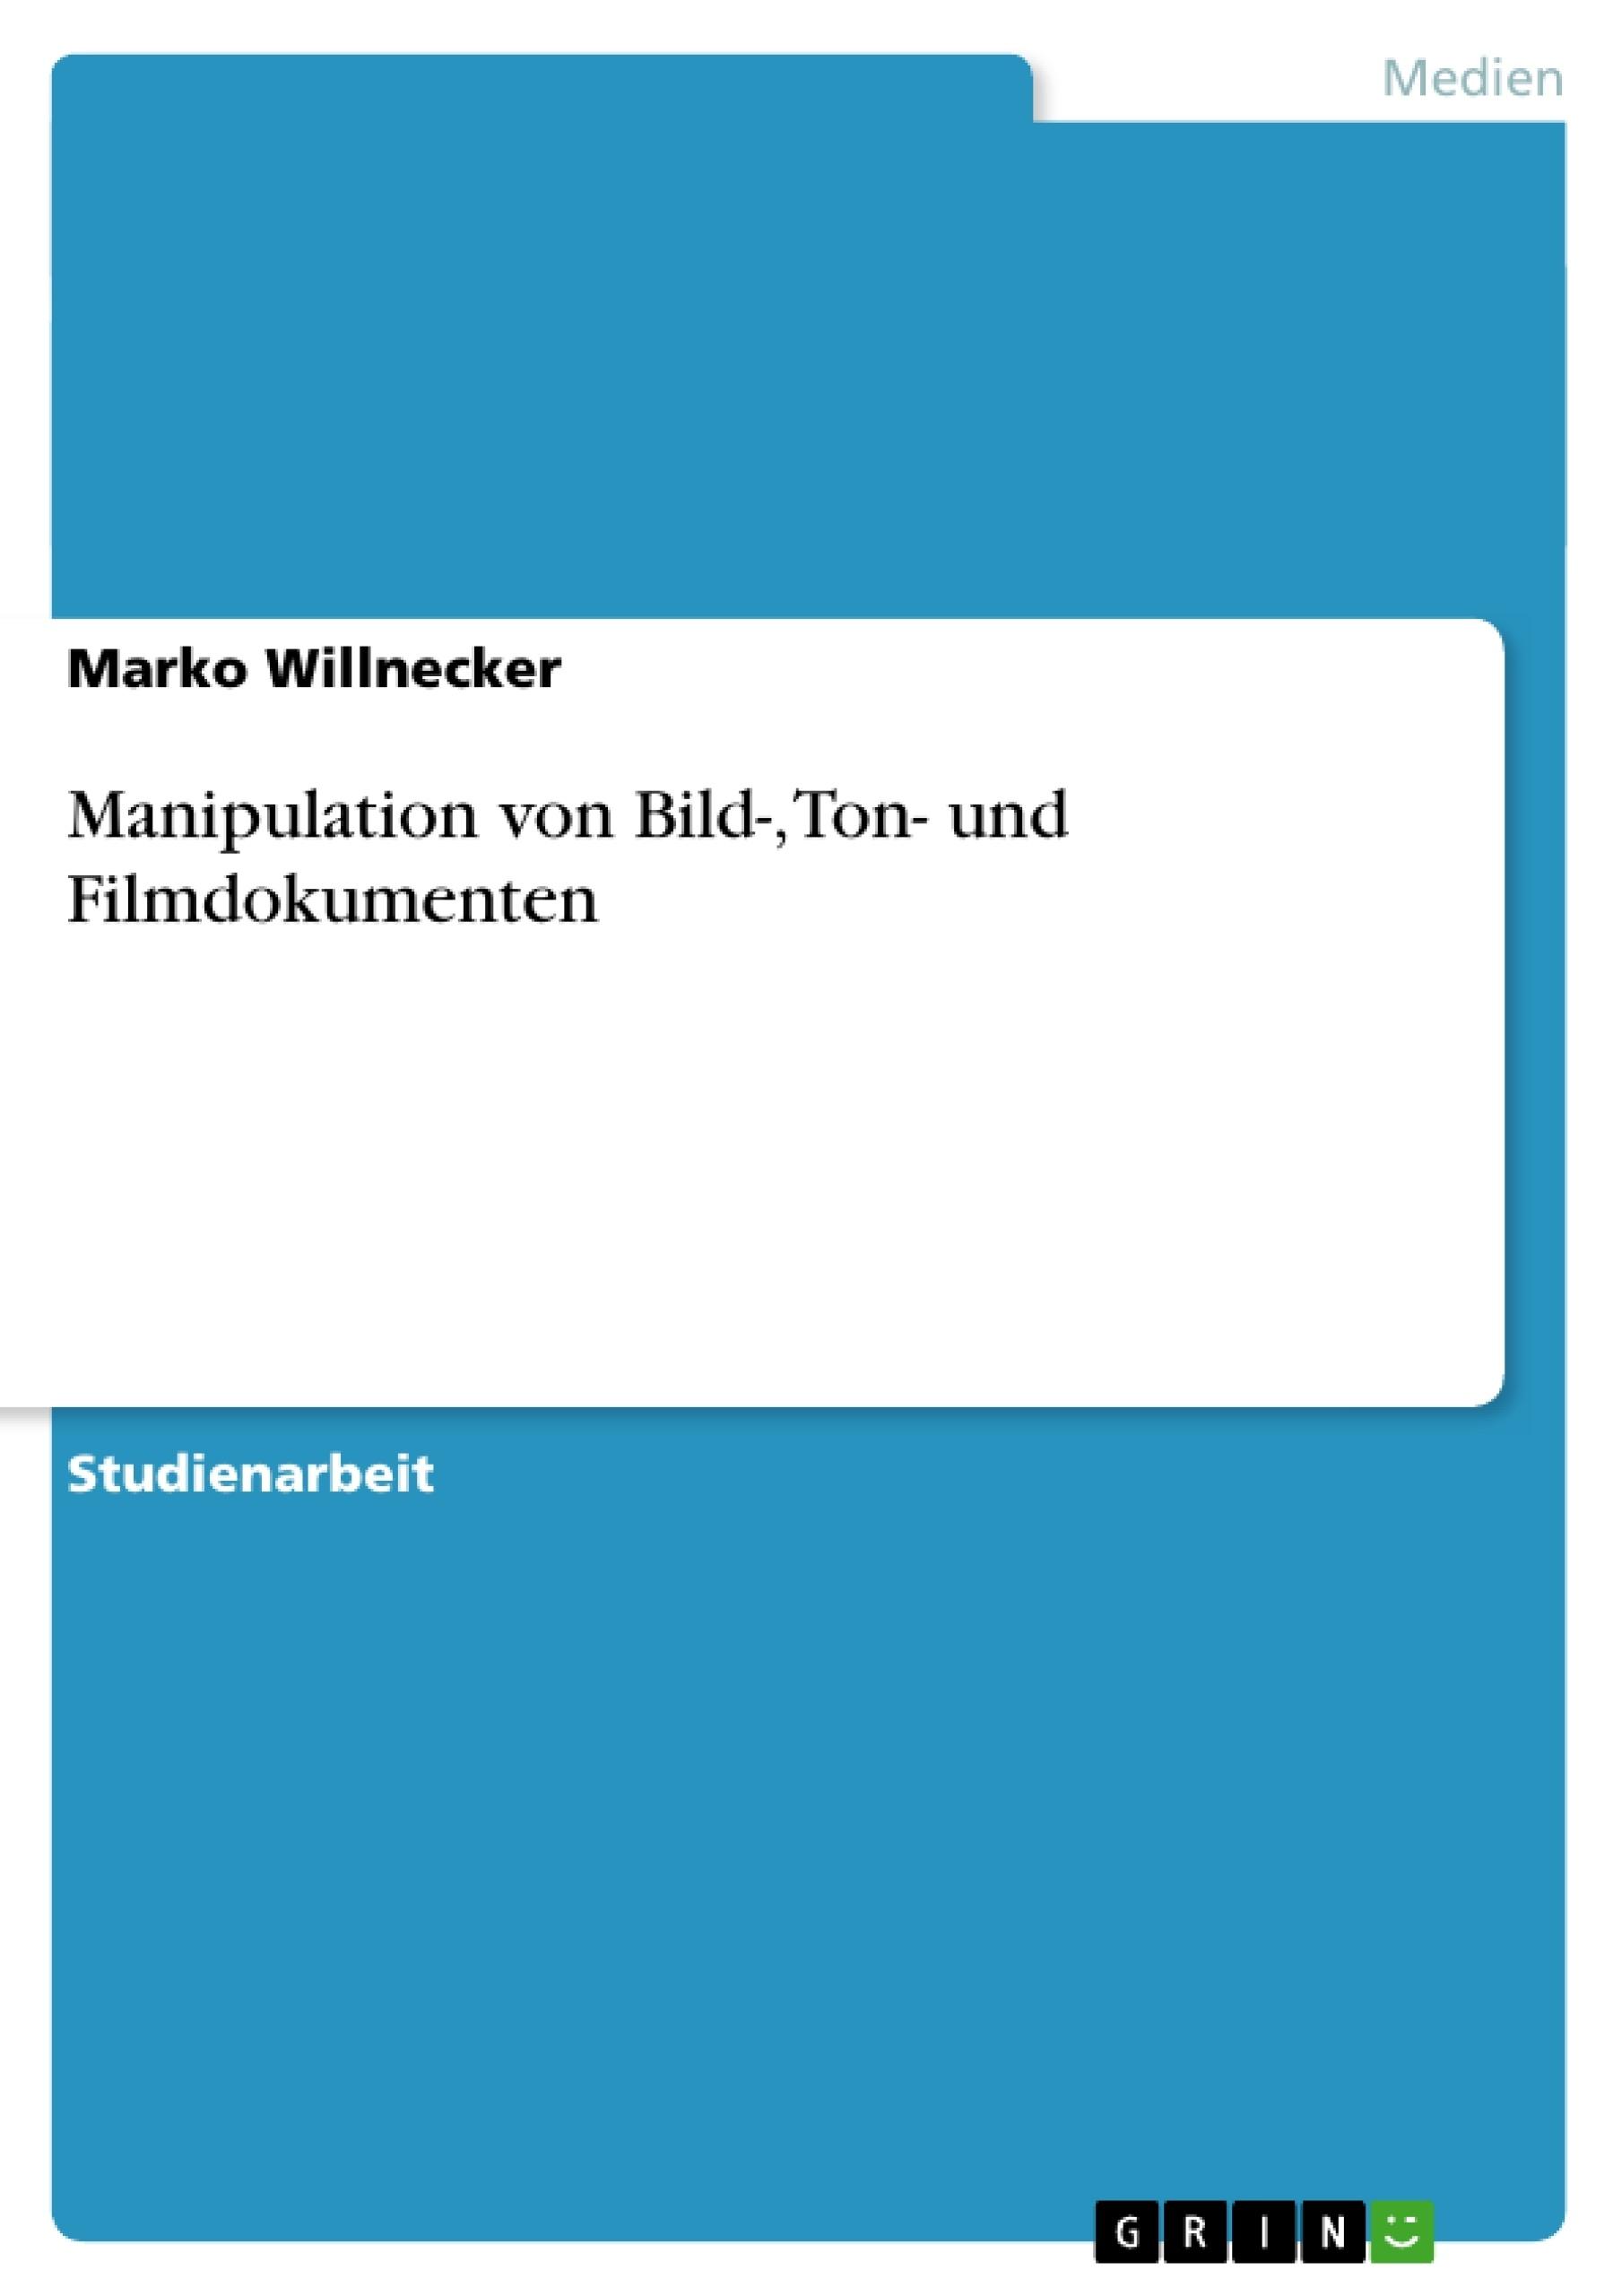 Titel: Manipulation von Bild-, Ton- und Filmdokumenten